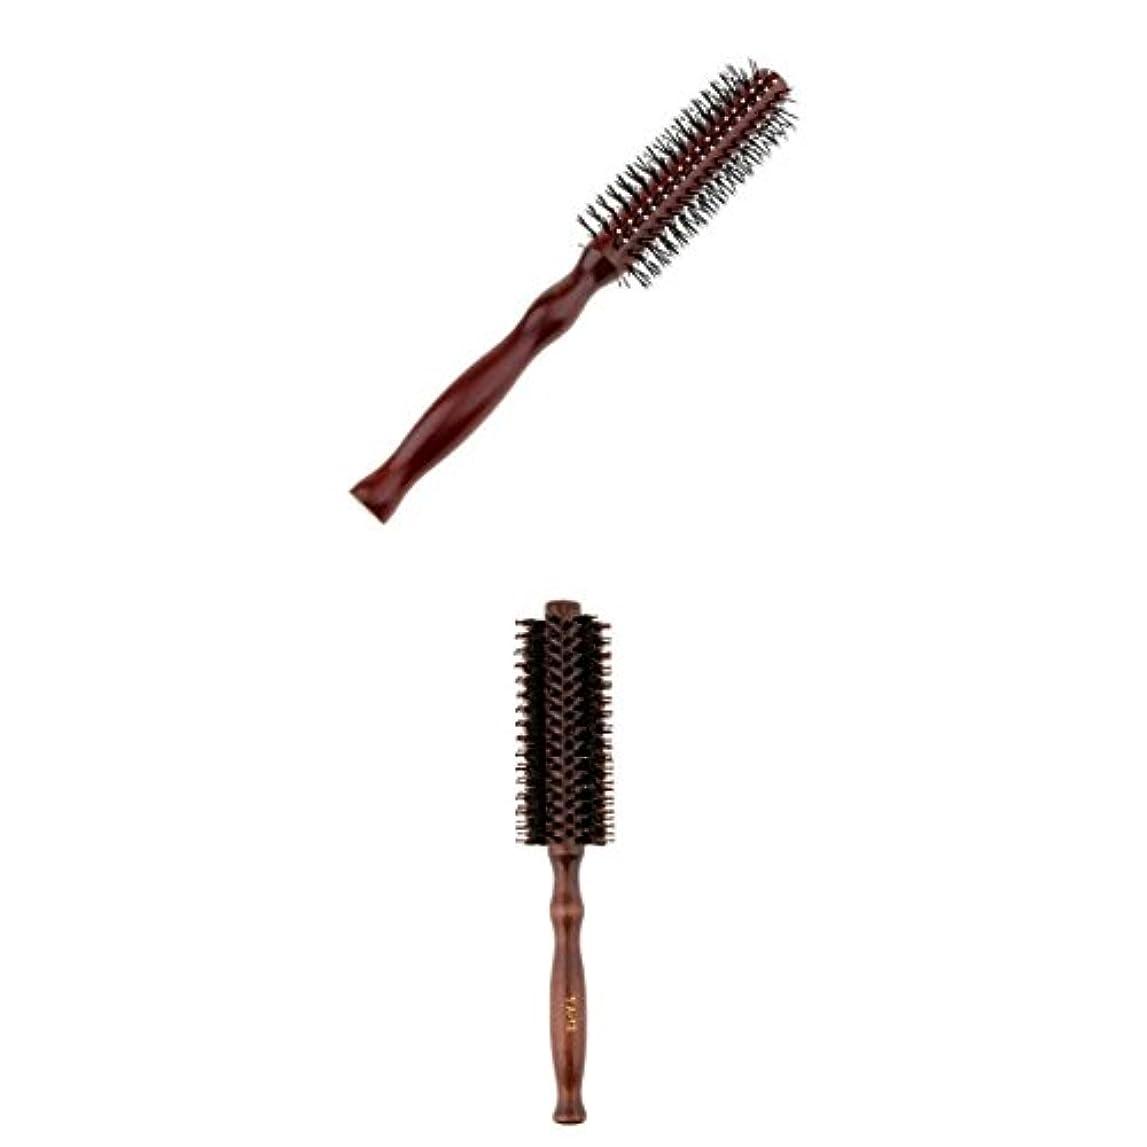 見る人グリーンランド複合ヘアブラシ ロールブラシ ヘアコーム 木製櫛 理髪師 家庭 アクセサリー 2点入り